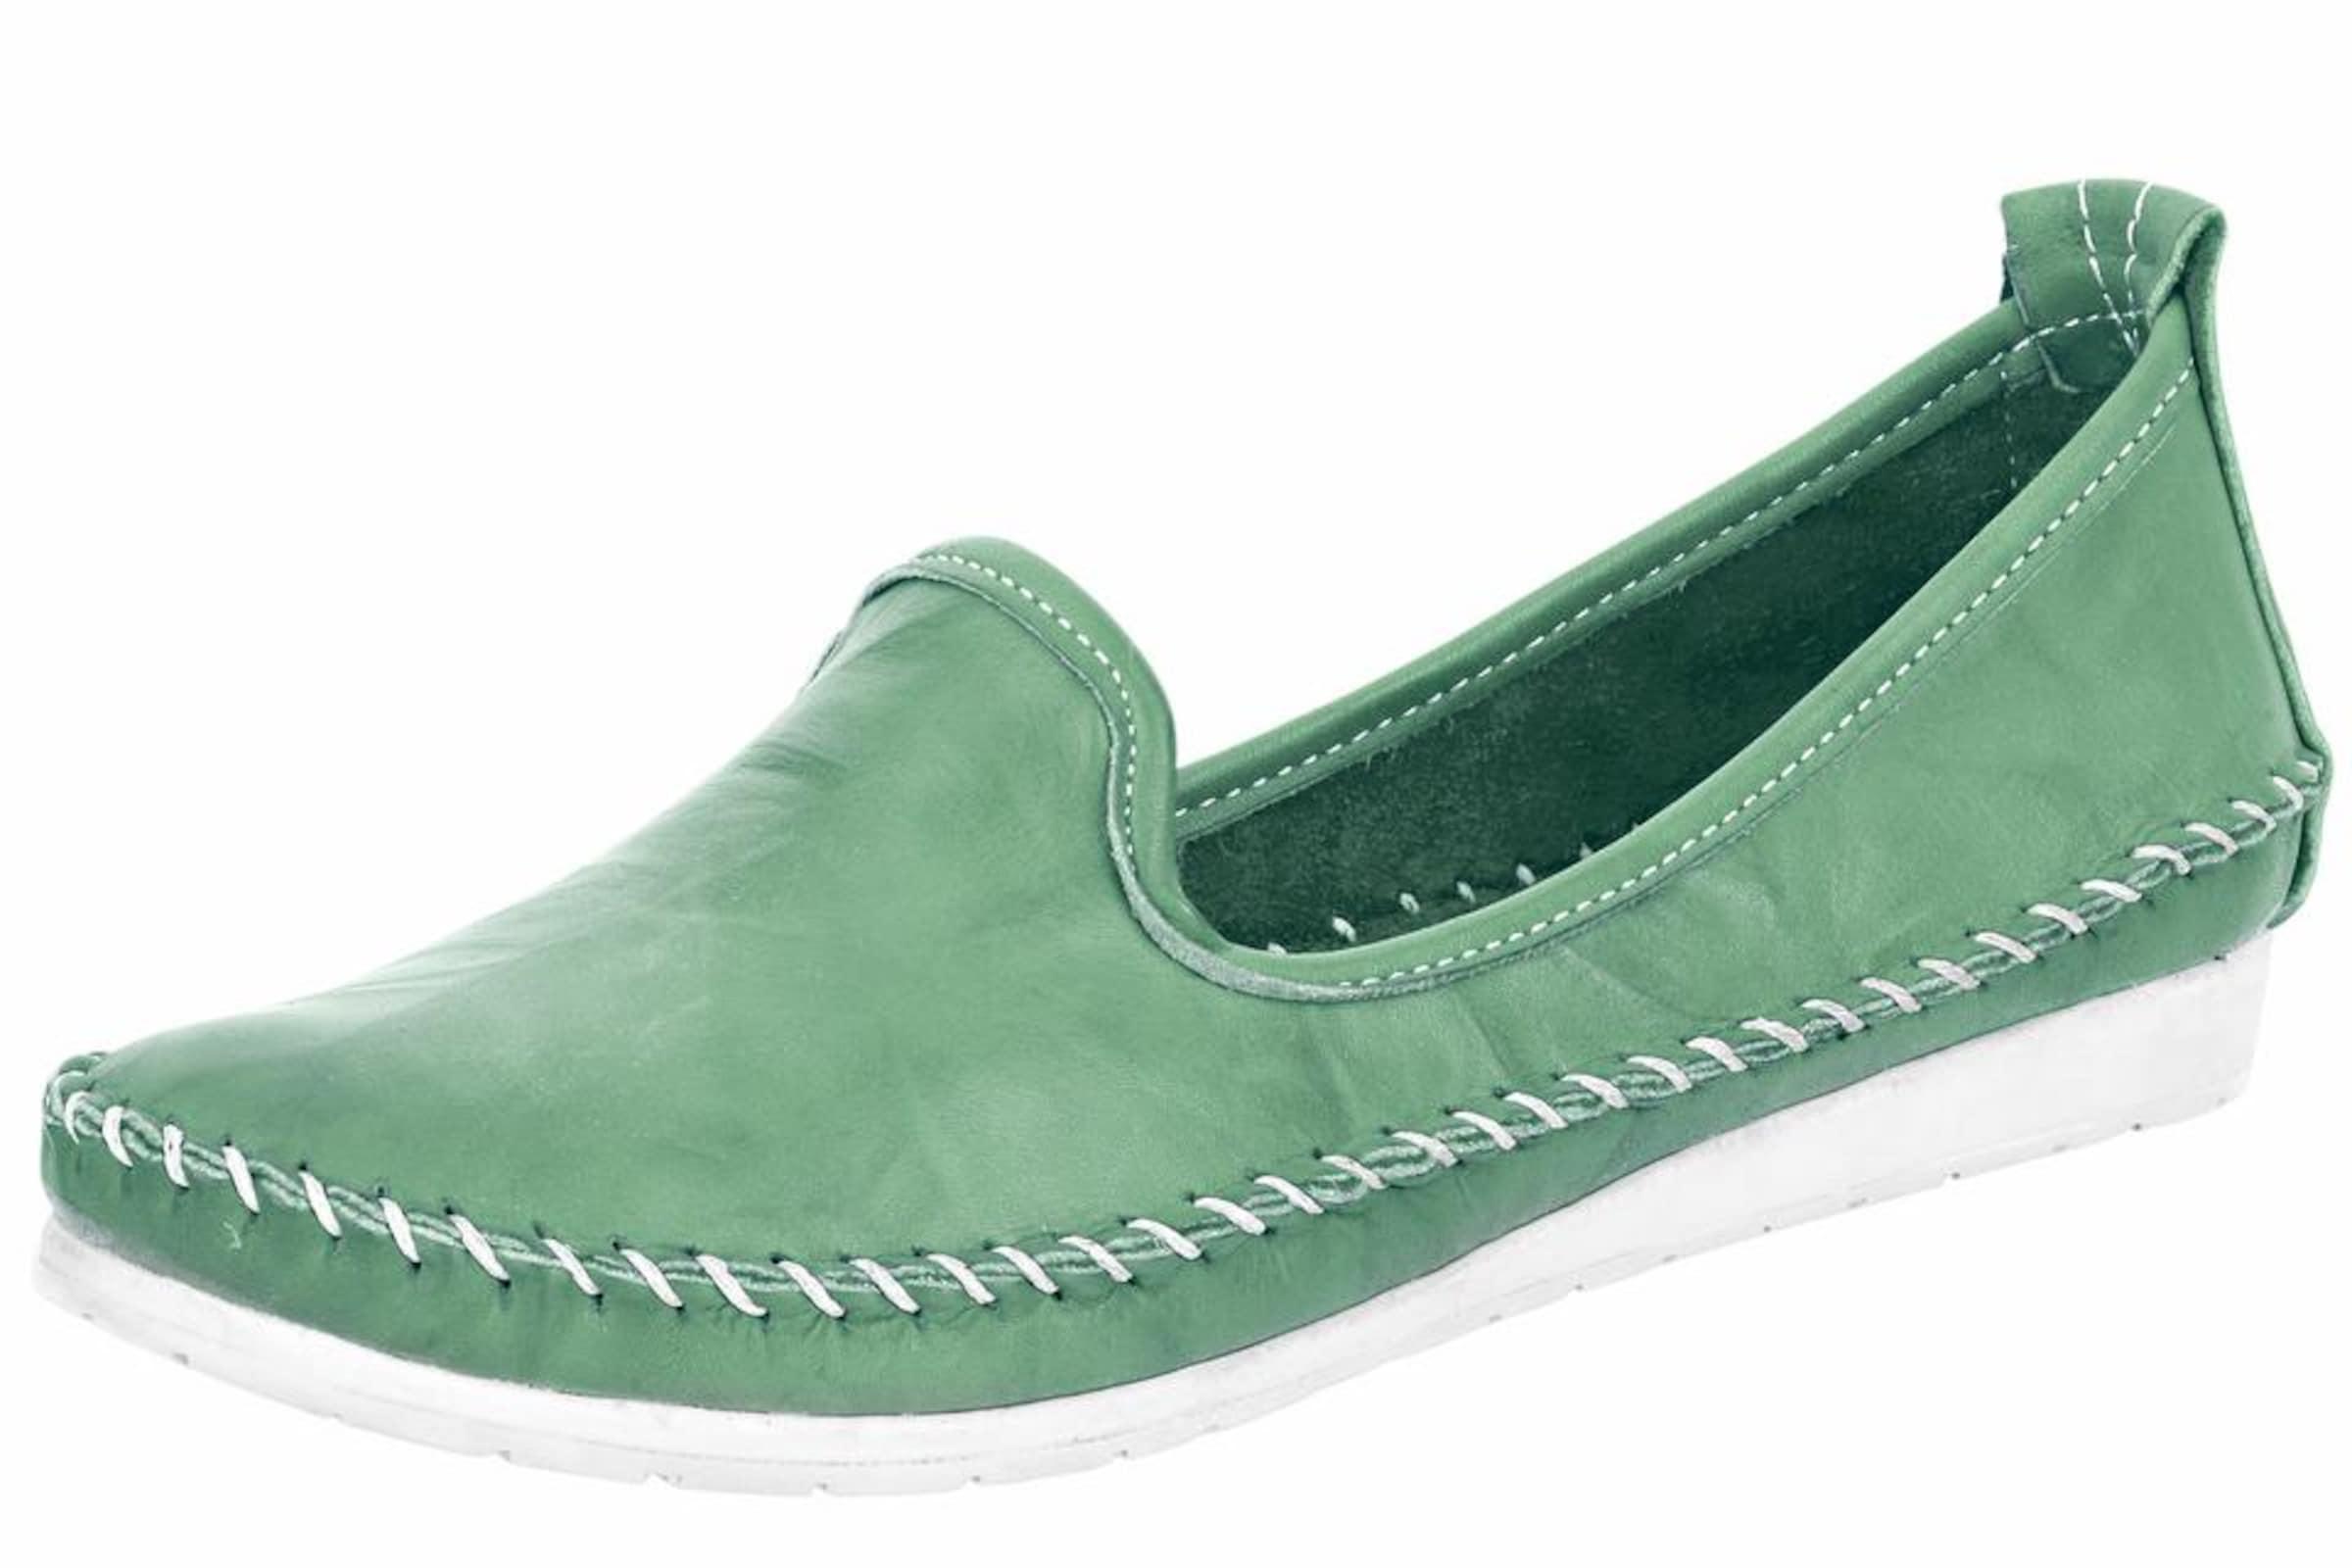 Haltbare Mode Schuhe billige Schuhe ANDREA CONTI | Slipper Schuhe Mode Gut getragene Schuhe 2d2de7